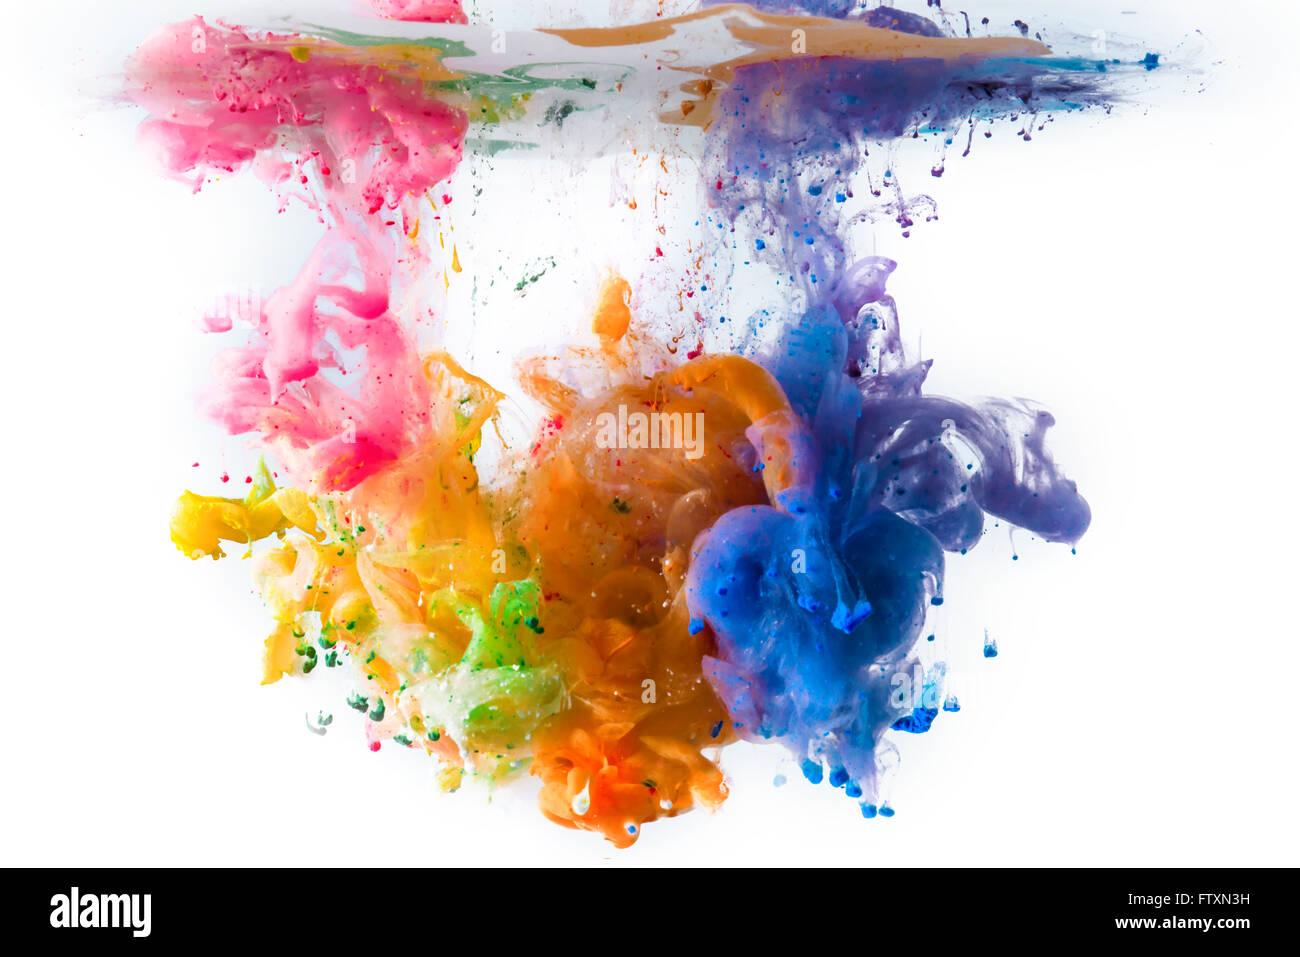 Pinturas acrílicas multicolores se disuelva en el agua Imagen De Stock